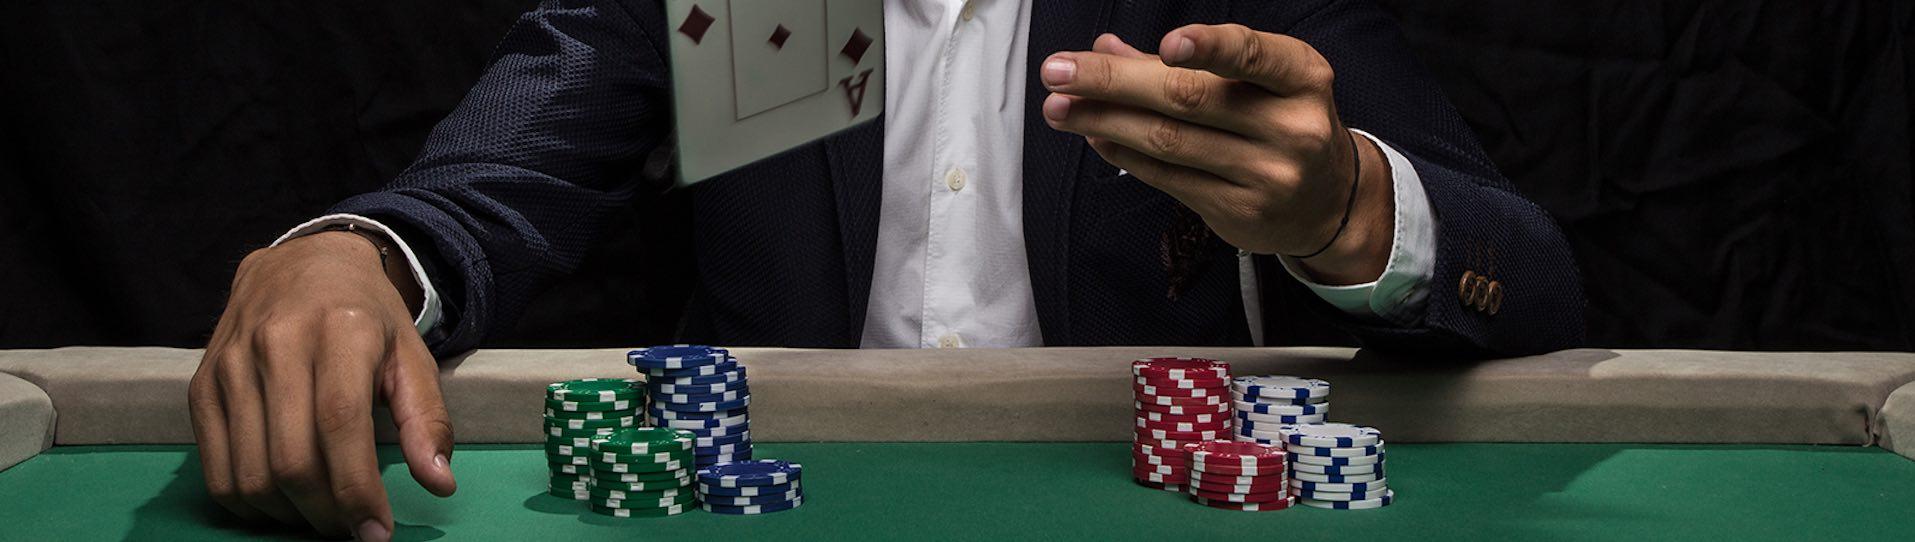 Poker In Adelaide